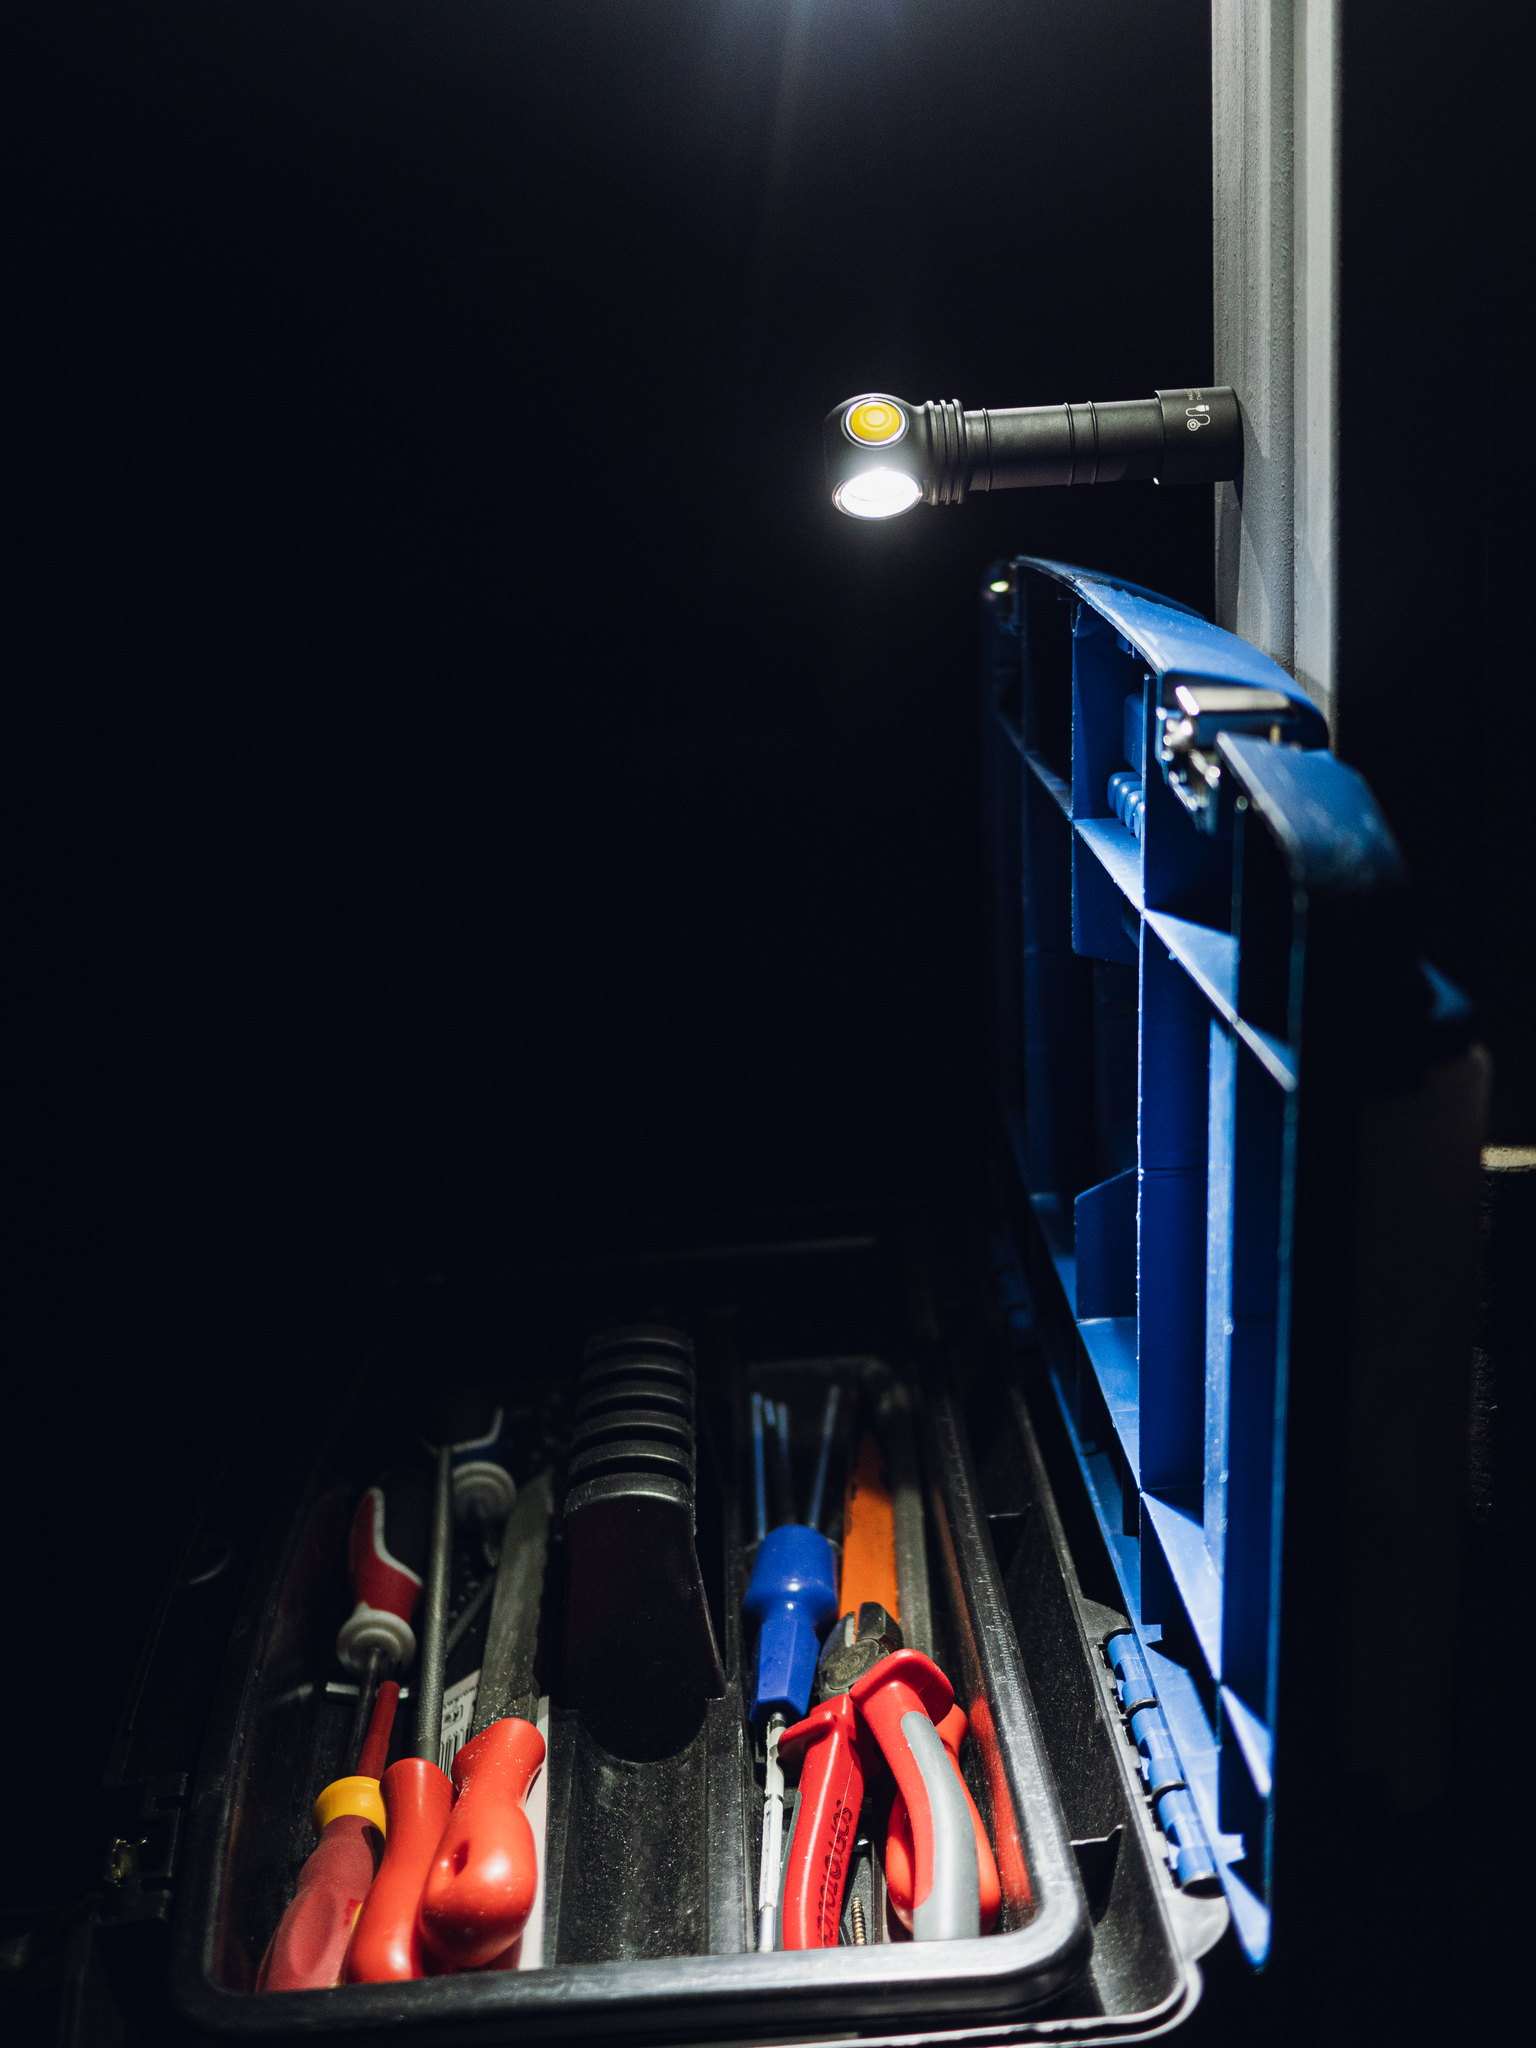 Фонарь Armytek Wizard C2 Magnet USB (теплый свет) - фото 9